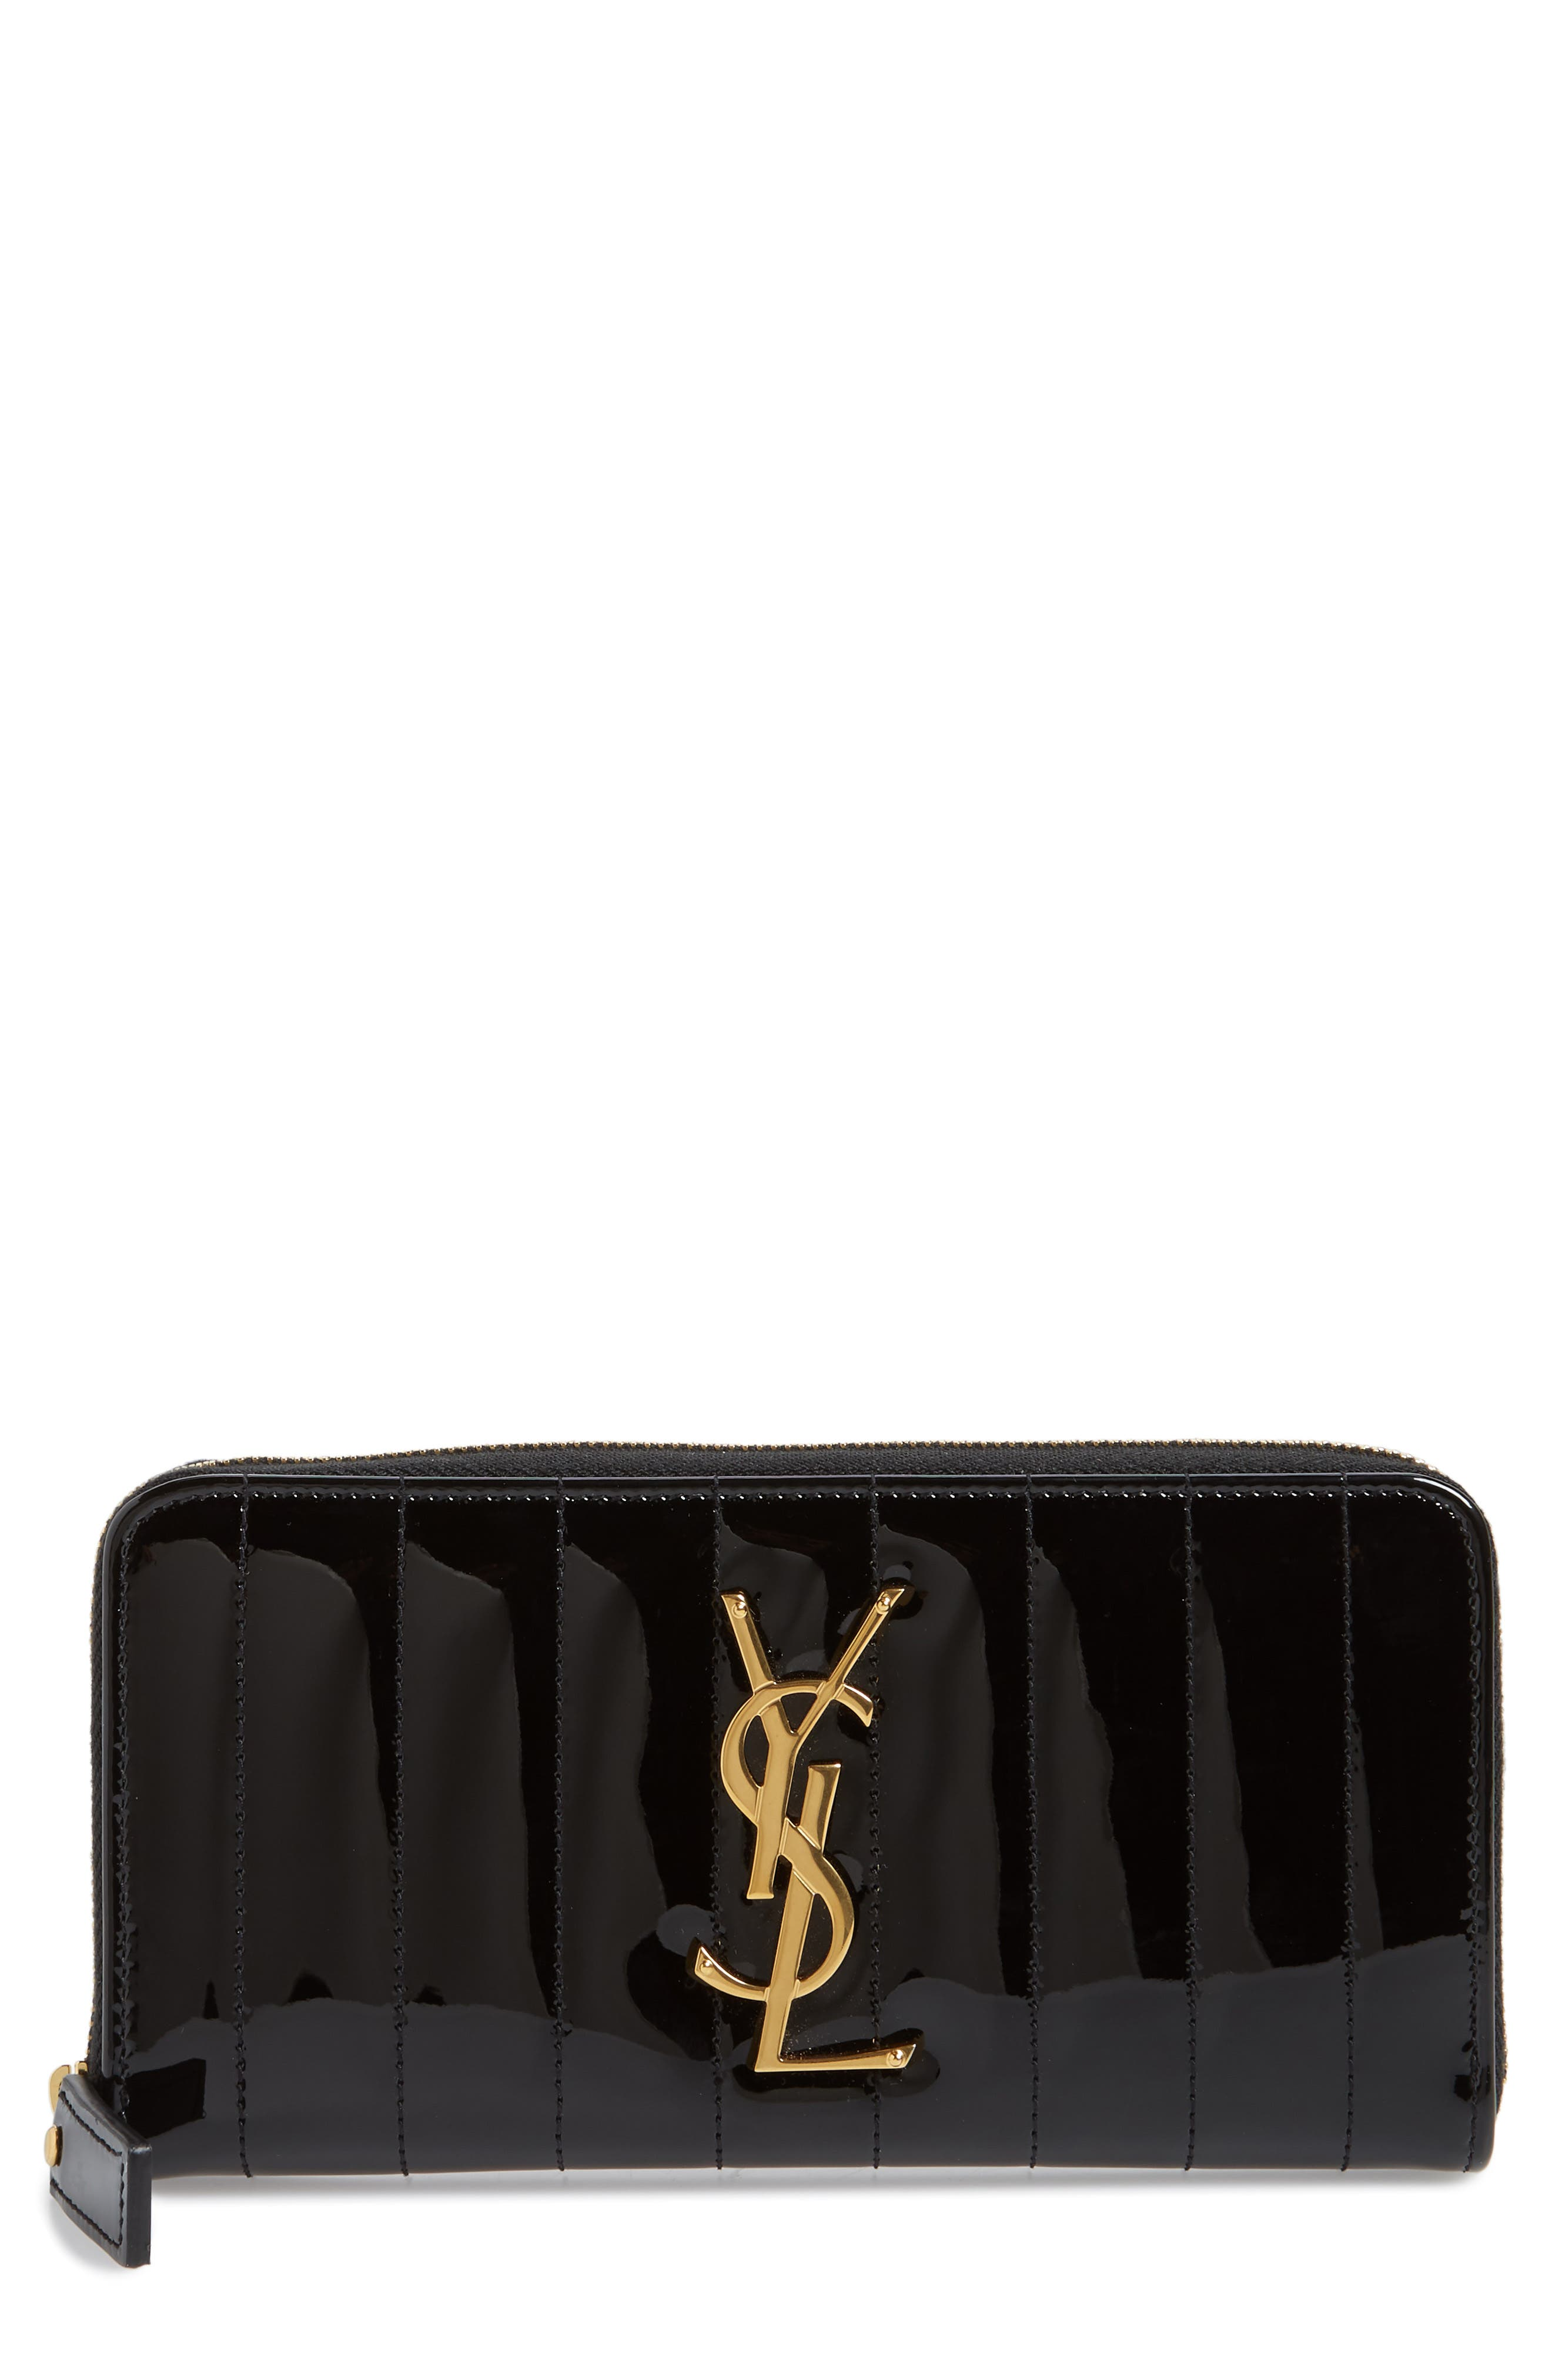 SAINT LAURENT Vicky Patent Leather Zip Around Wallet, Main, color, NOIR